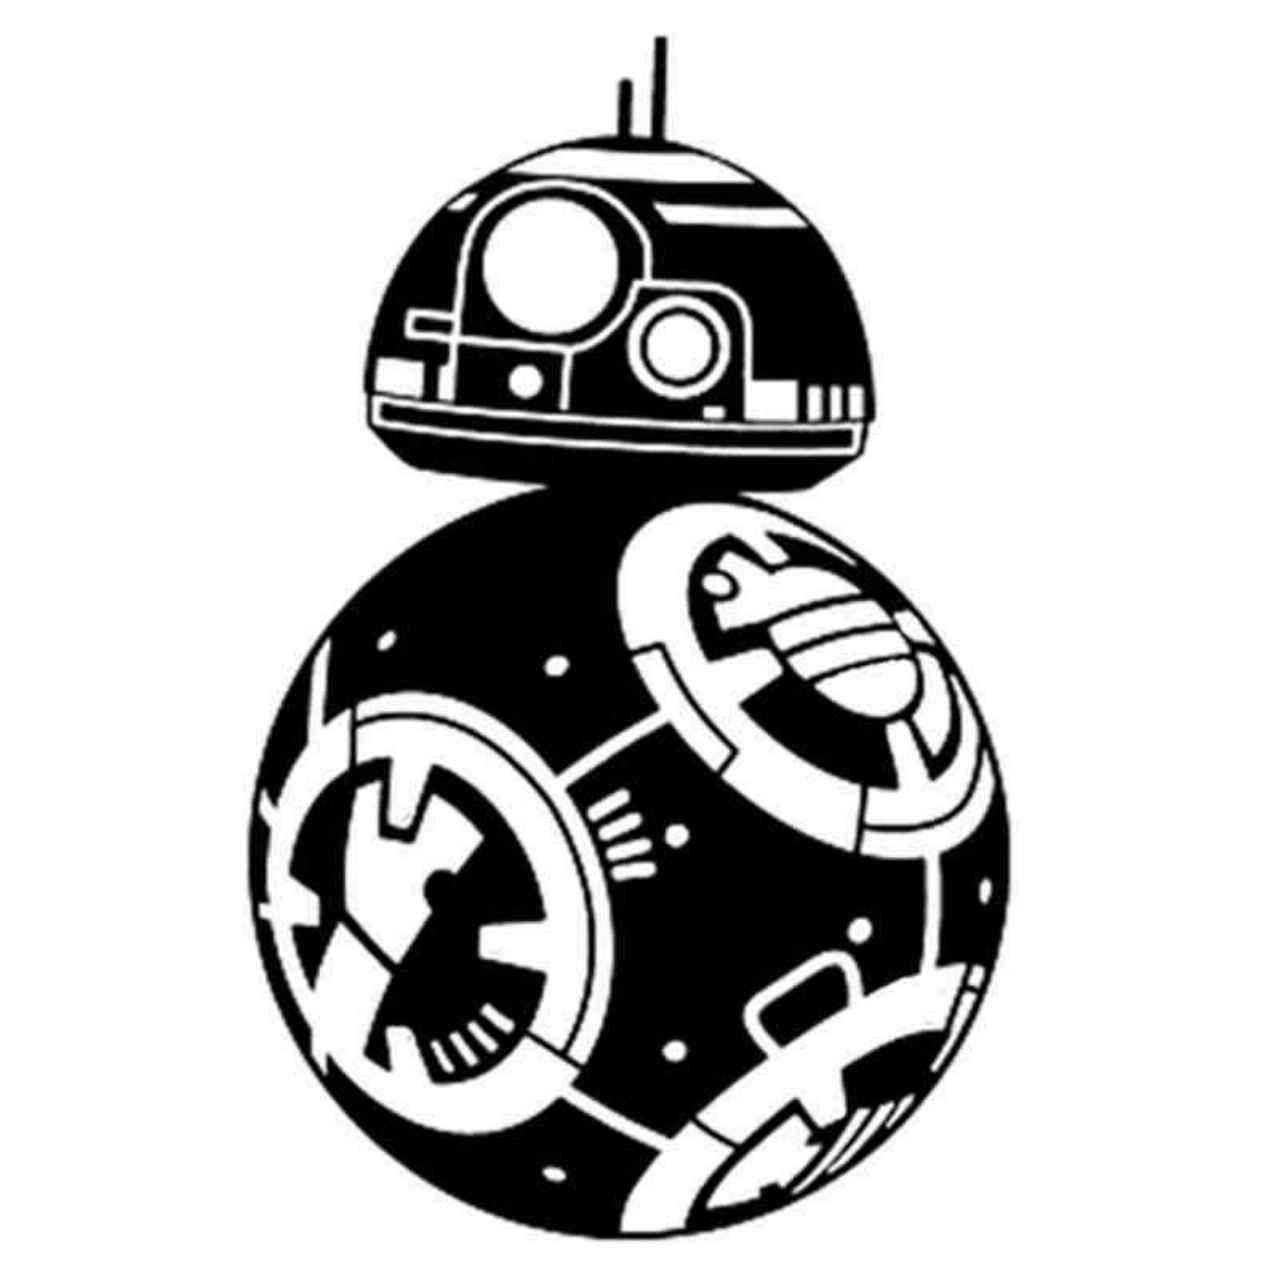 Star Wars Bb8 166 Decal Sticker